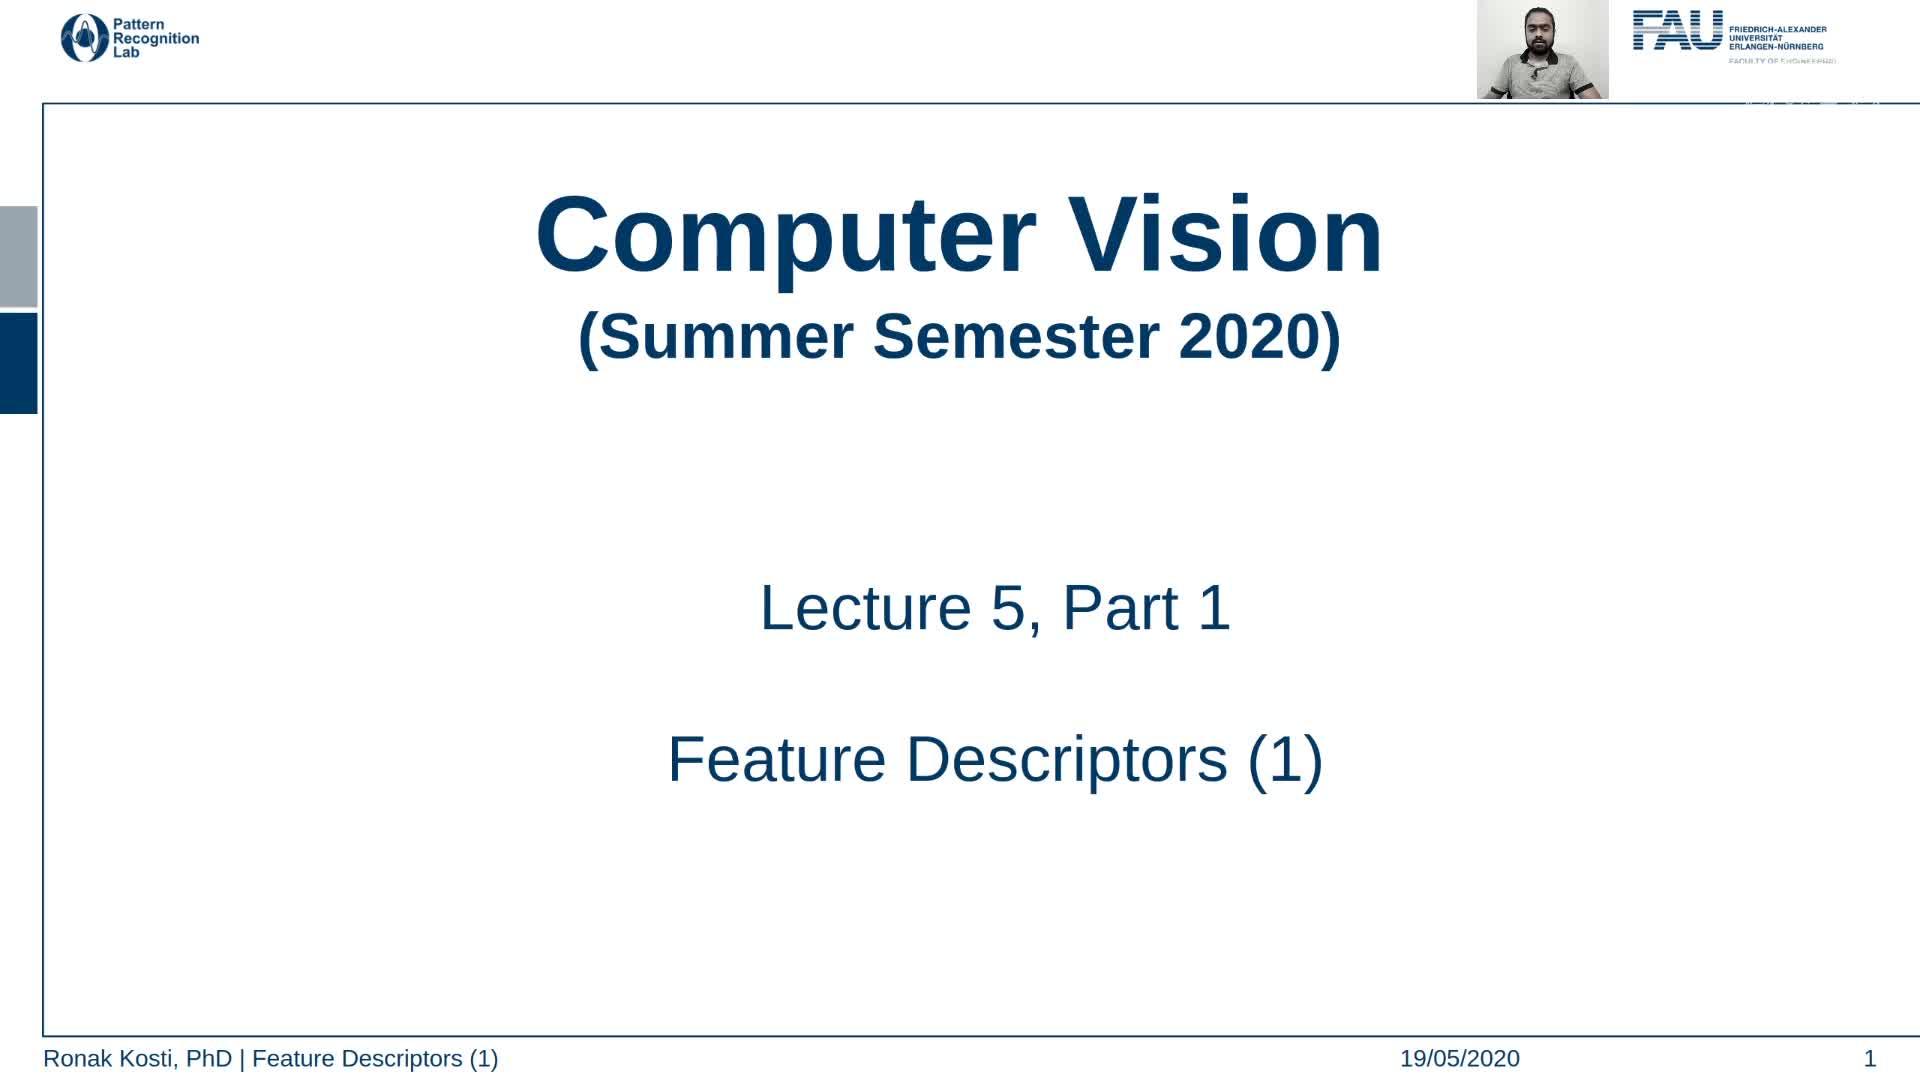 Feature Descriptors (Lecture 5, Part 1) preview image